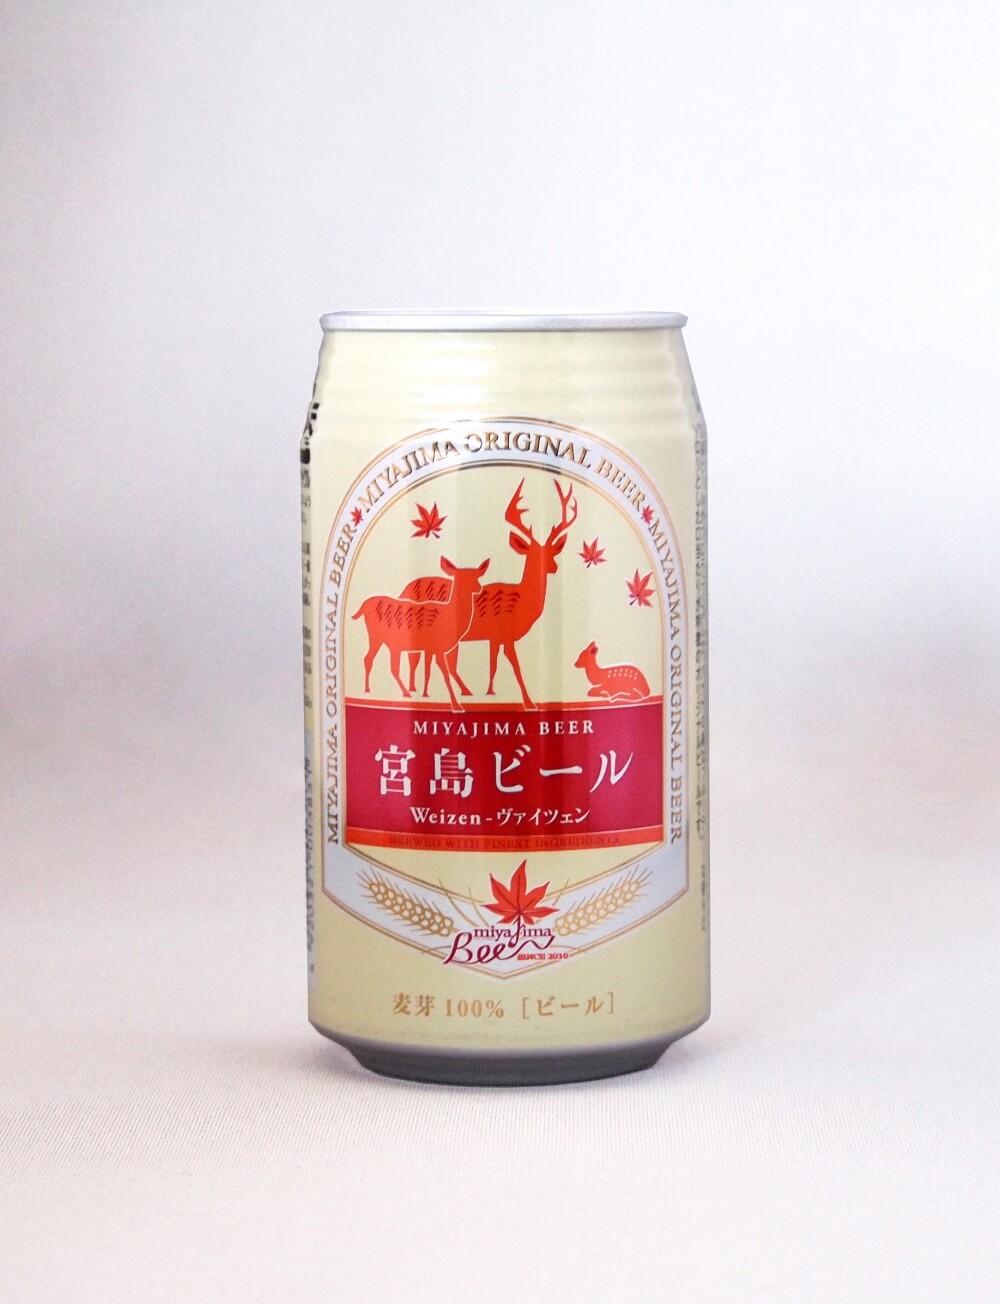 miyajima beer